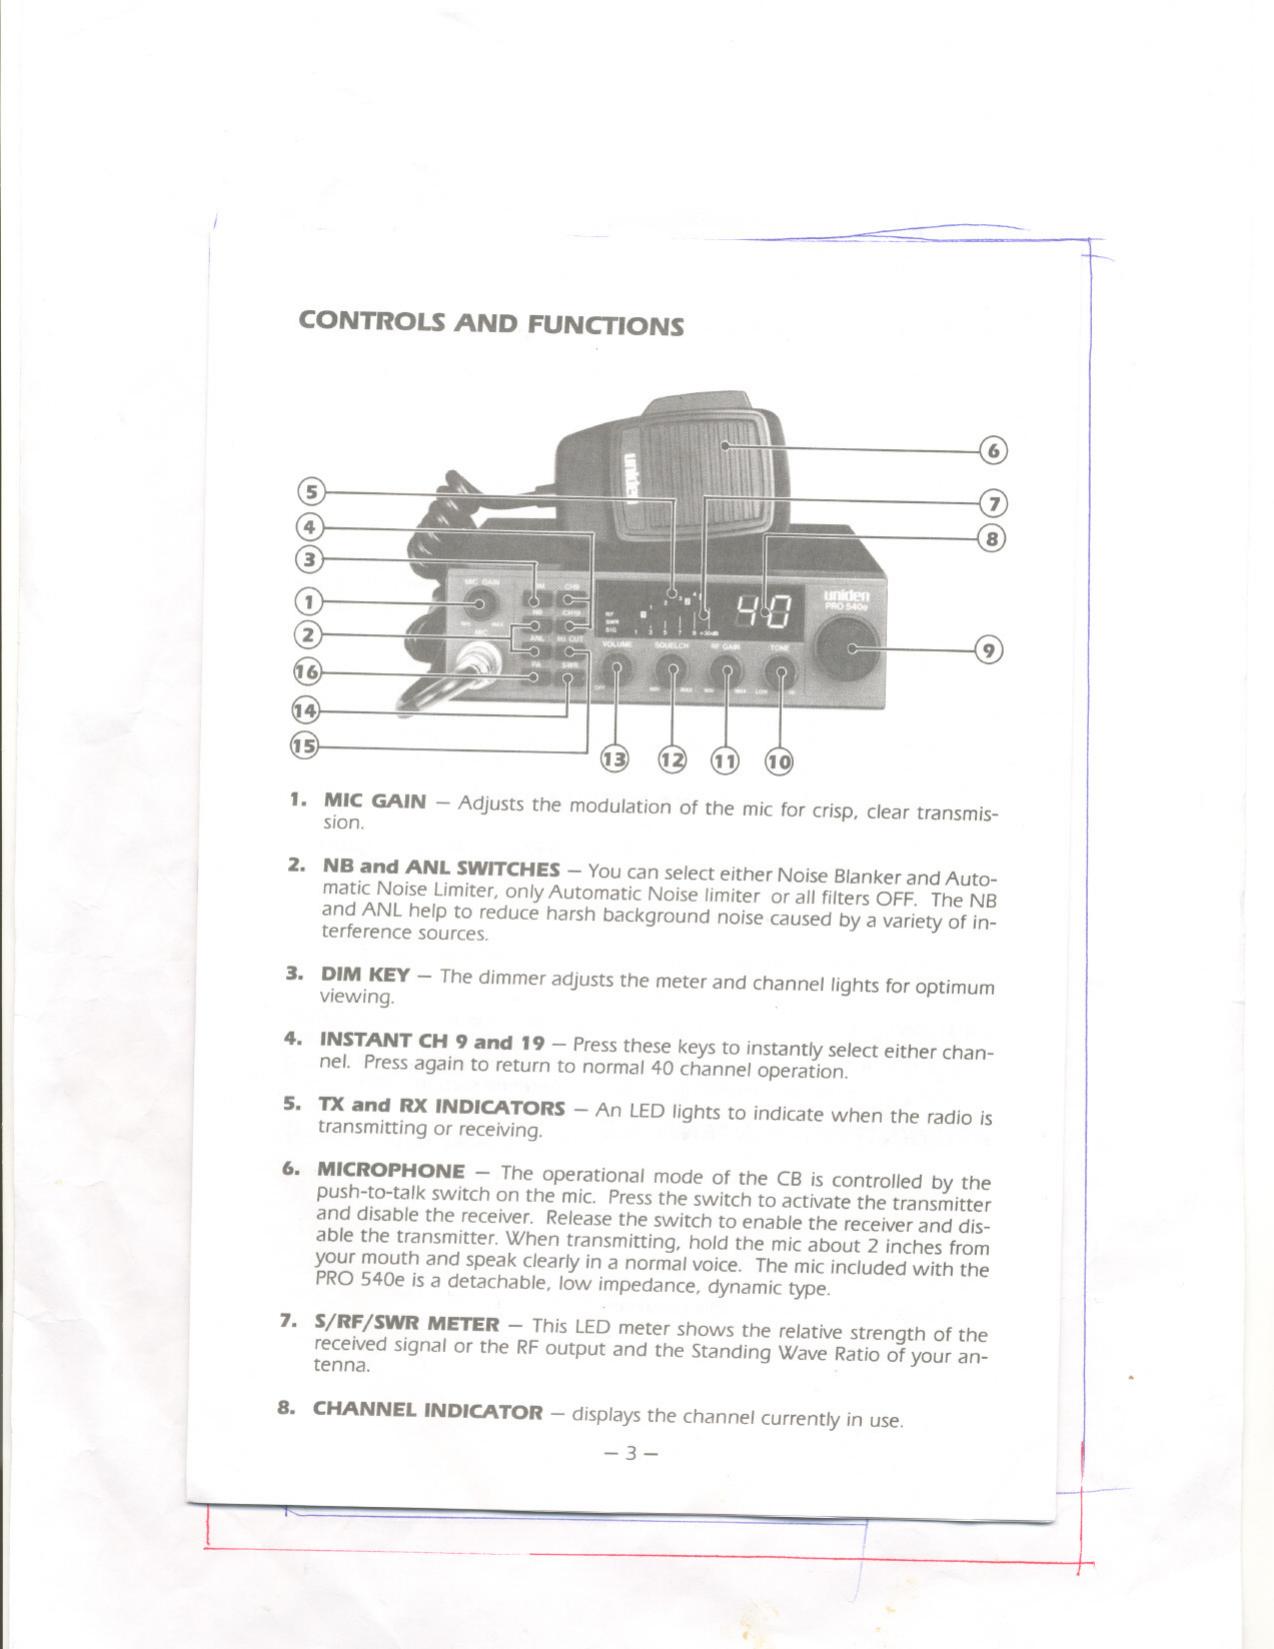 Uniden Pro 540E Users Manual